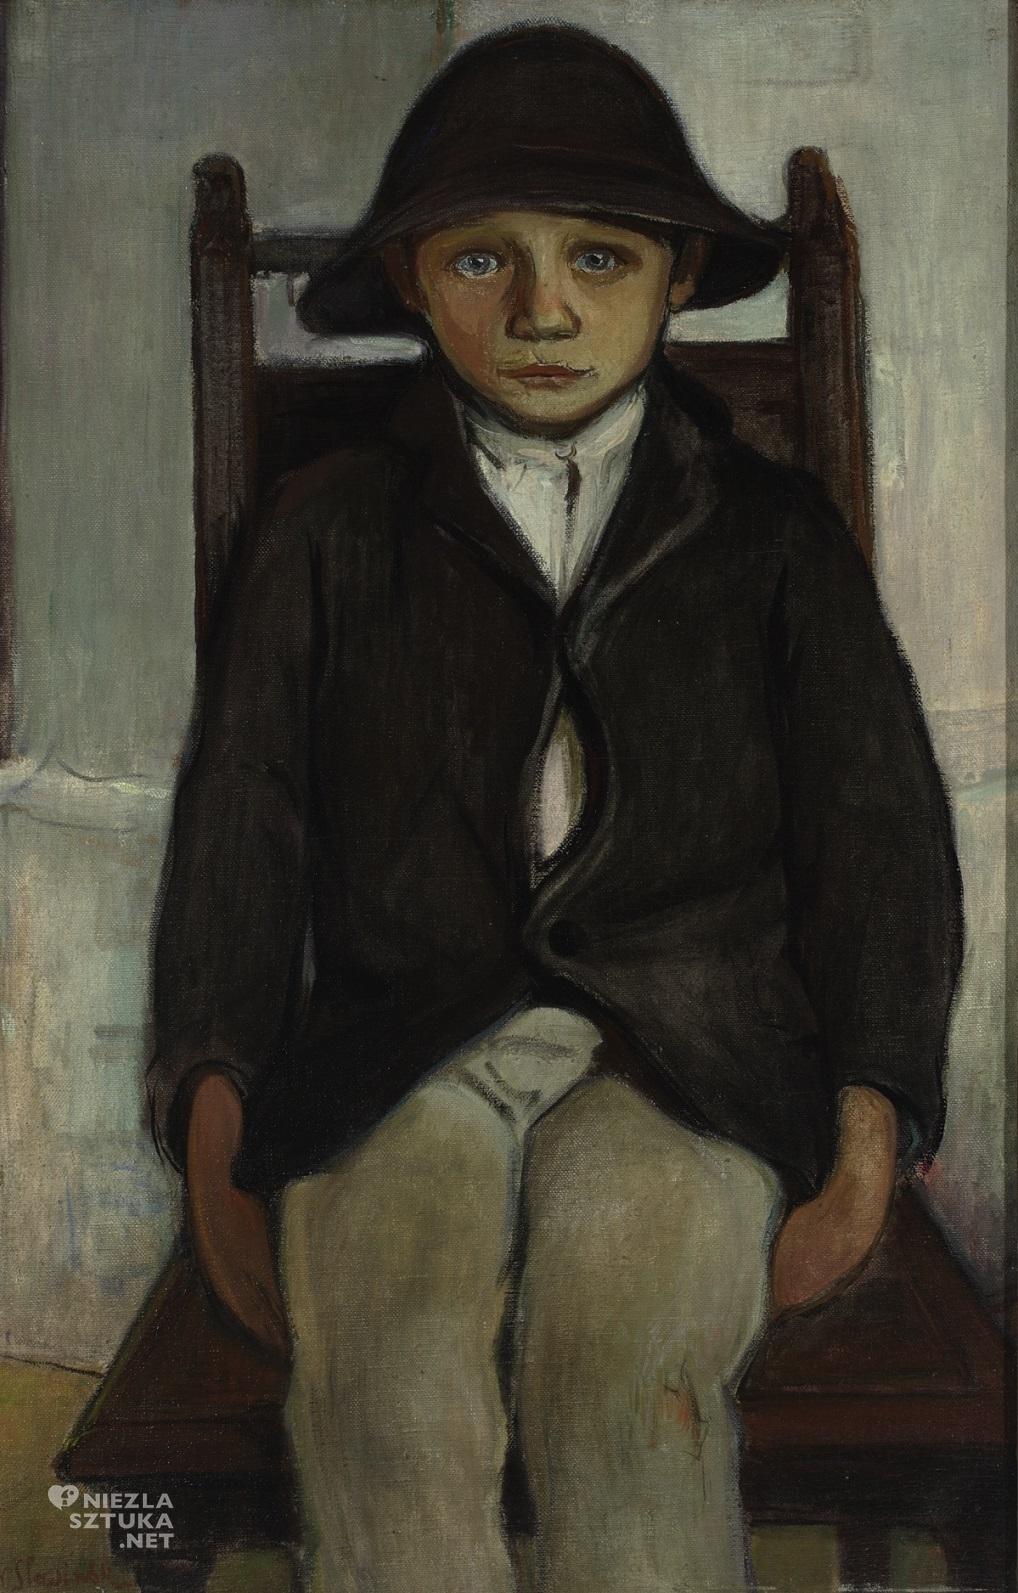 Władysław Ślewiński, Sierota z Poronina, sztuka polska, malarstwo polskie, Niezła sztuka